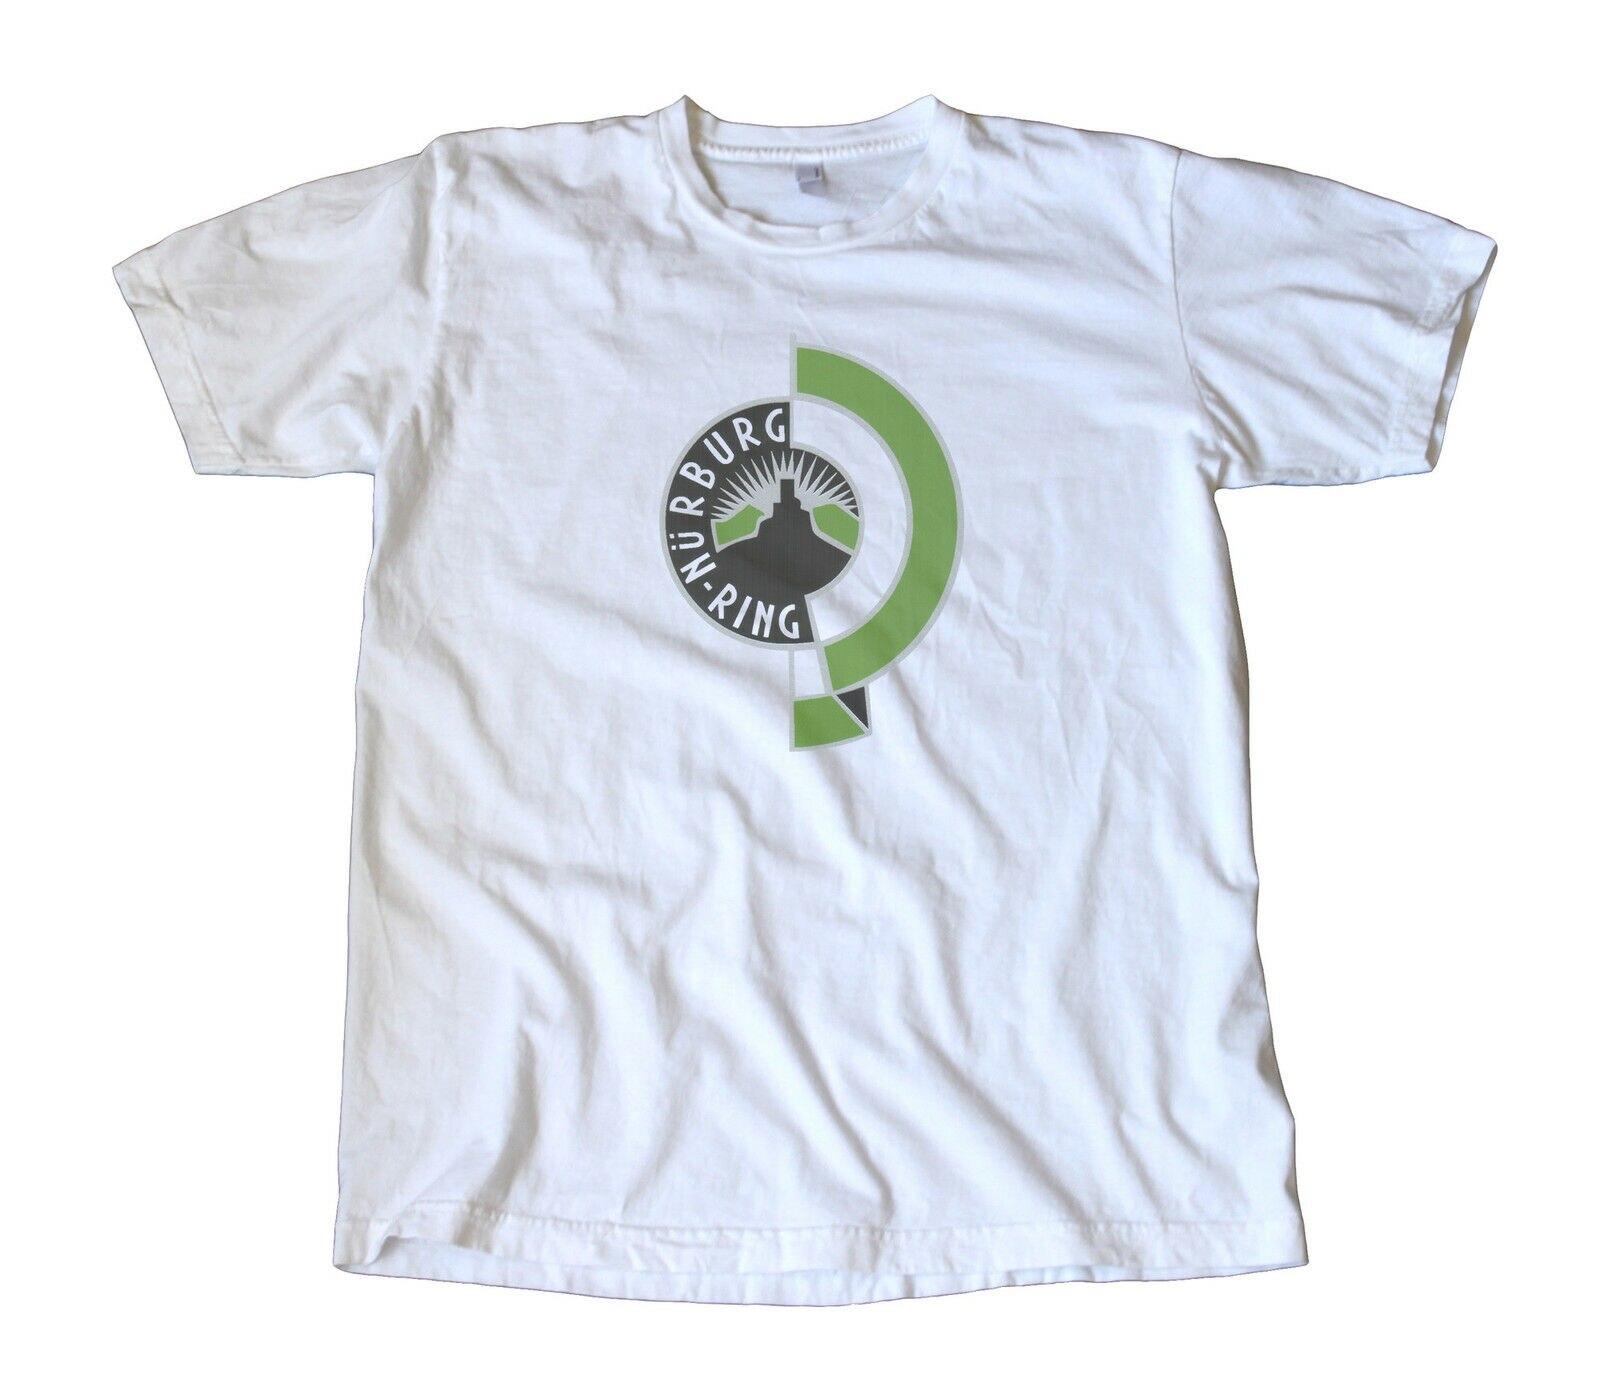 Vintage Nurburgring etiqueta camiseta Alemania Gran Premio de carreras de el infierno verde